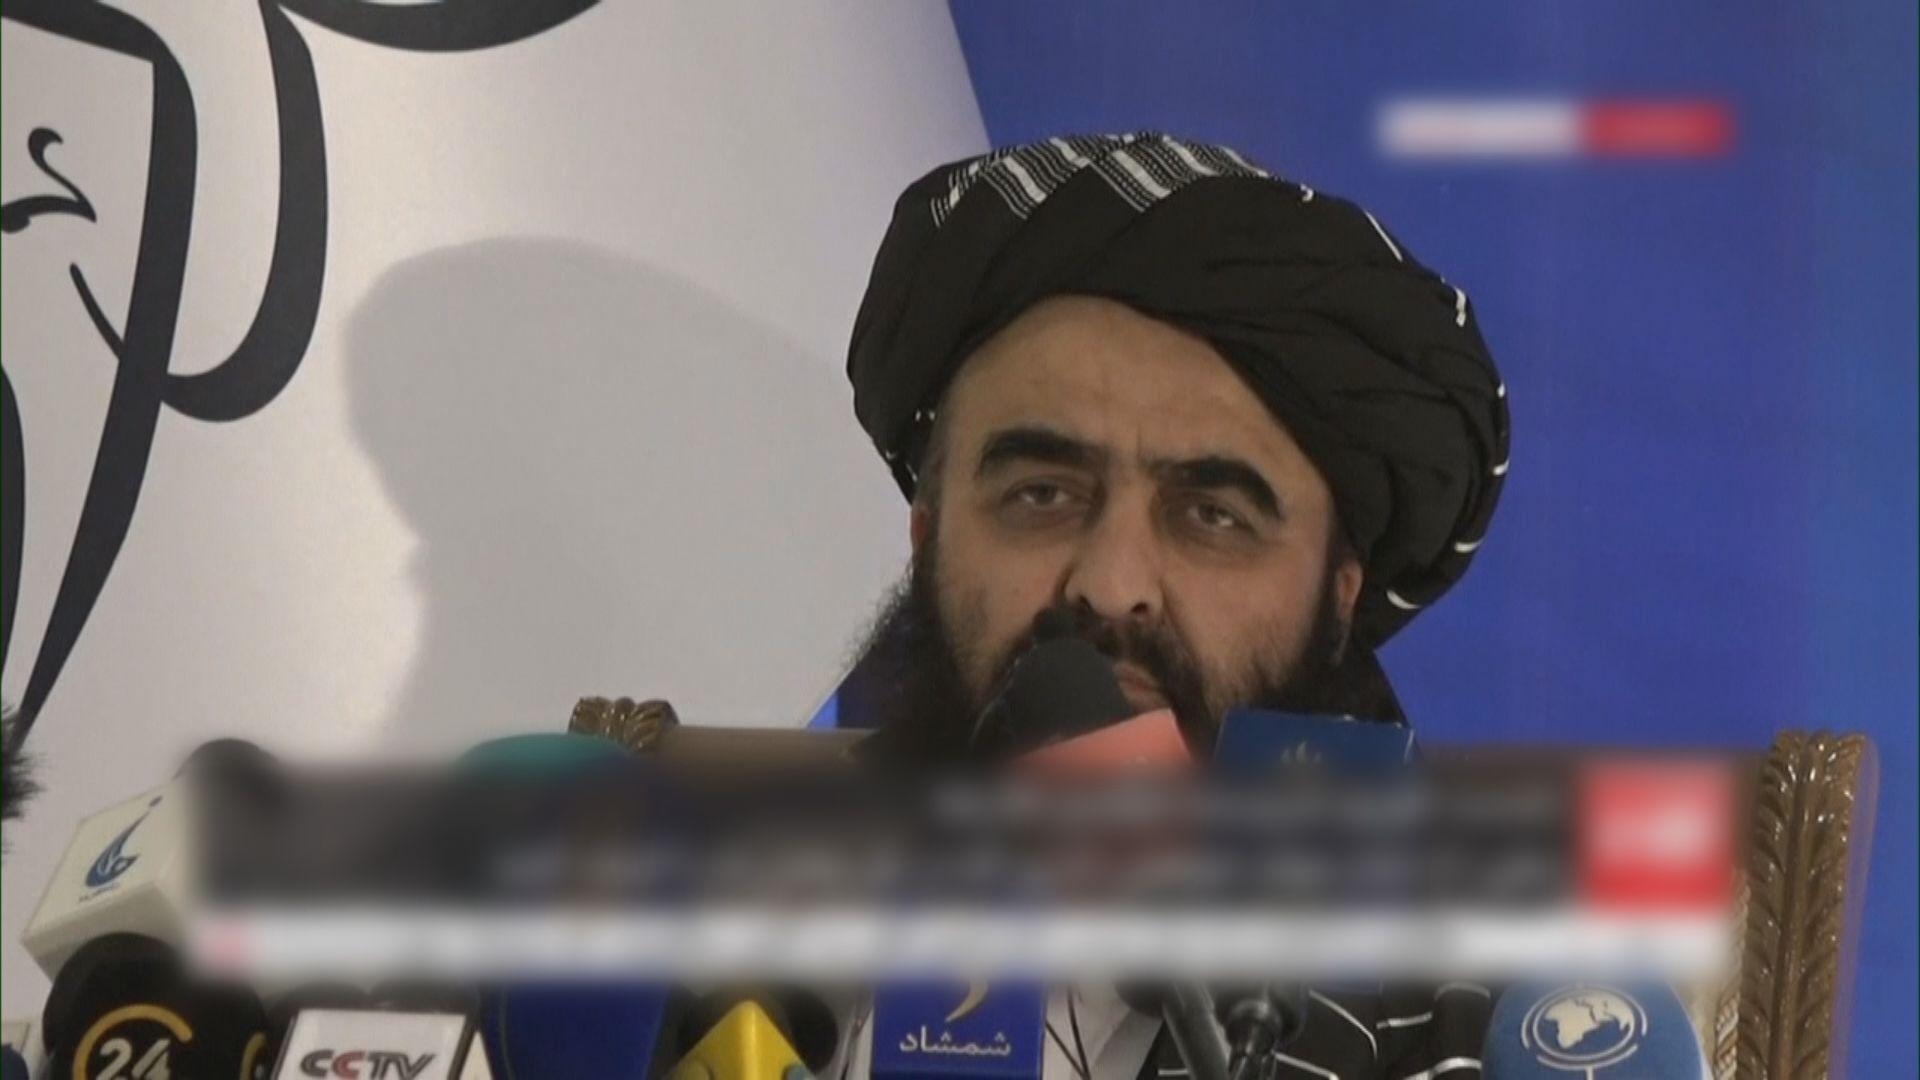 塔利班:冀國際社會繼續支援阿富汗